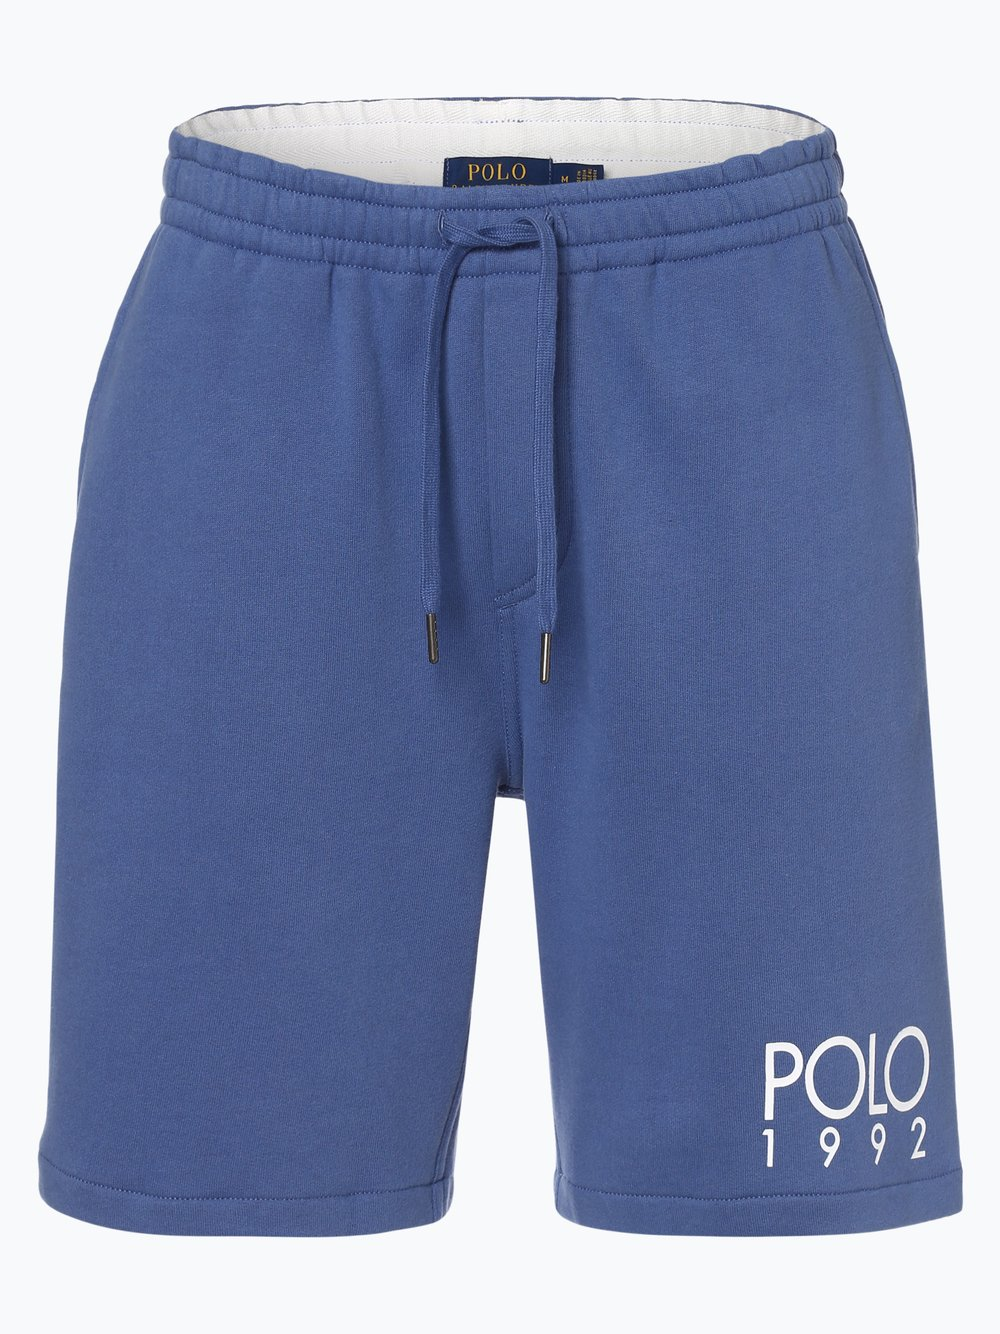 Polo Ralph Lauren - Spodenki męskie, niebieski